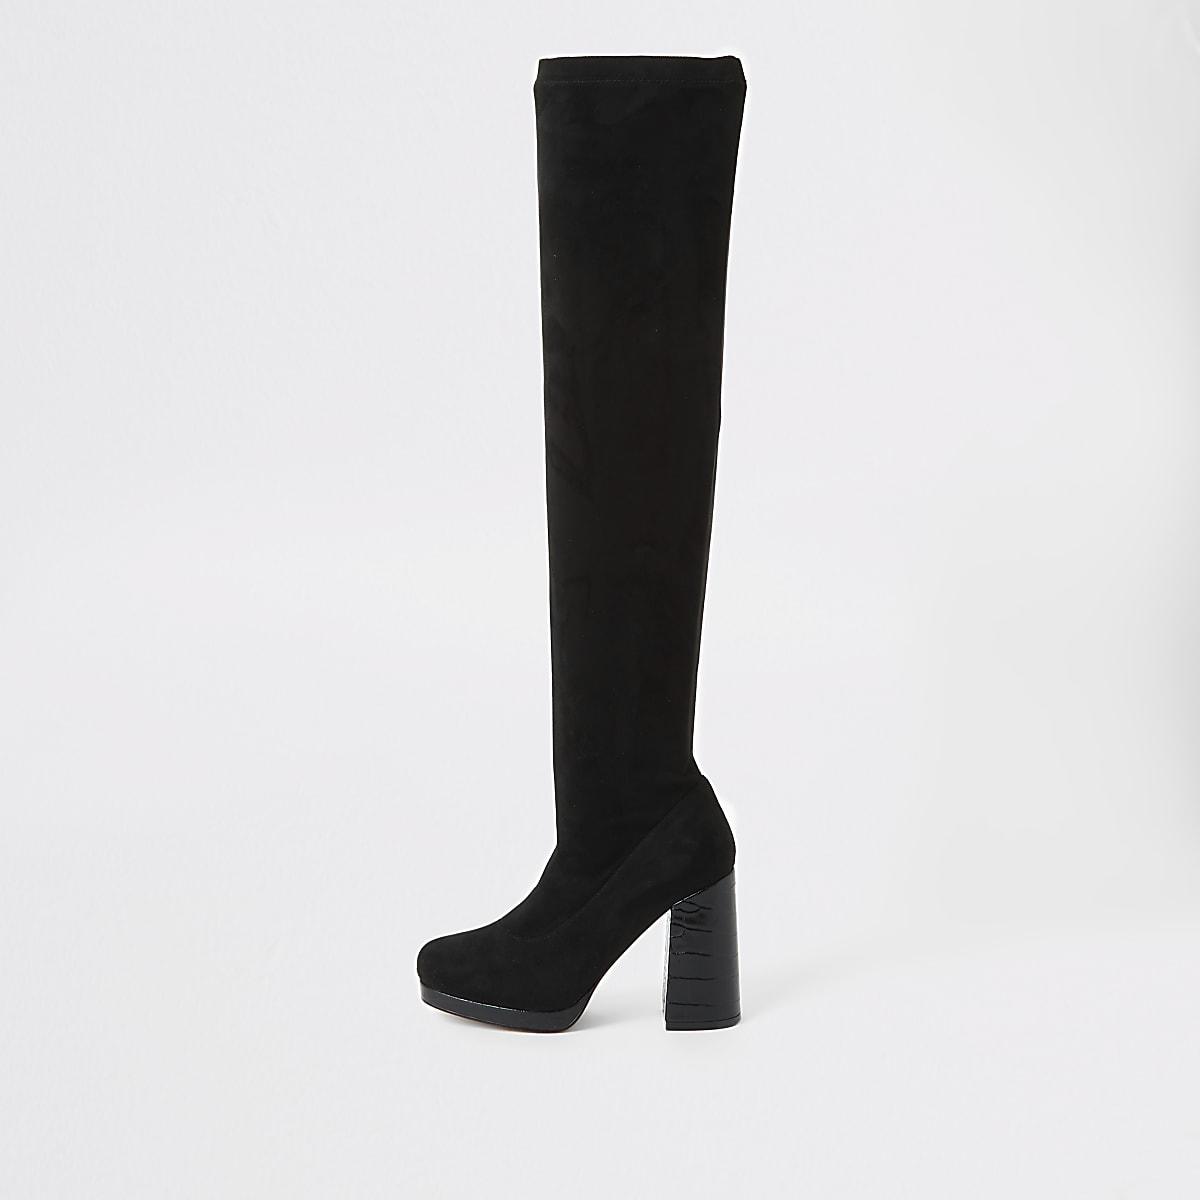 Zwarte laarzen tot over de knie met krokodillen-reliëf